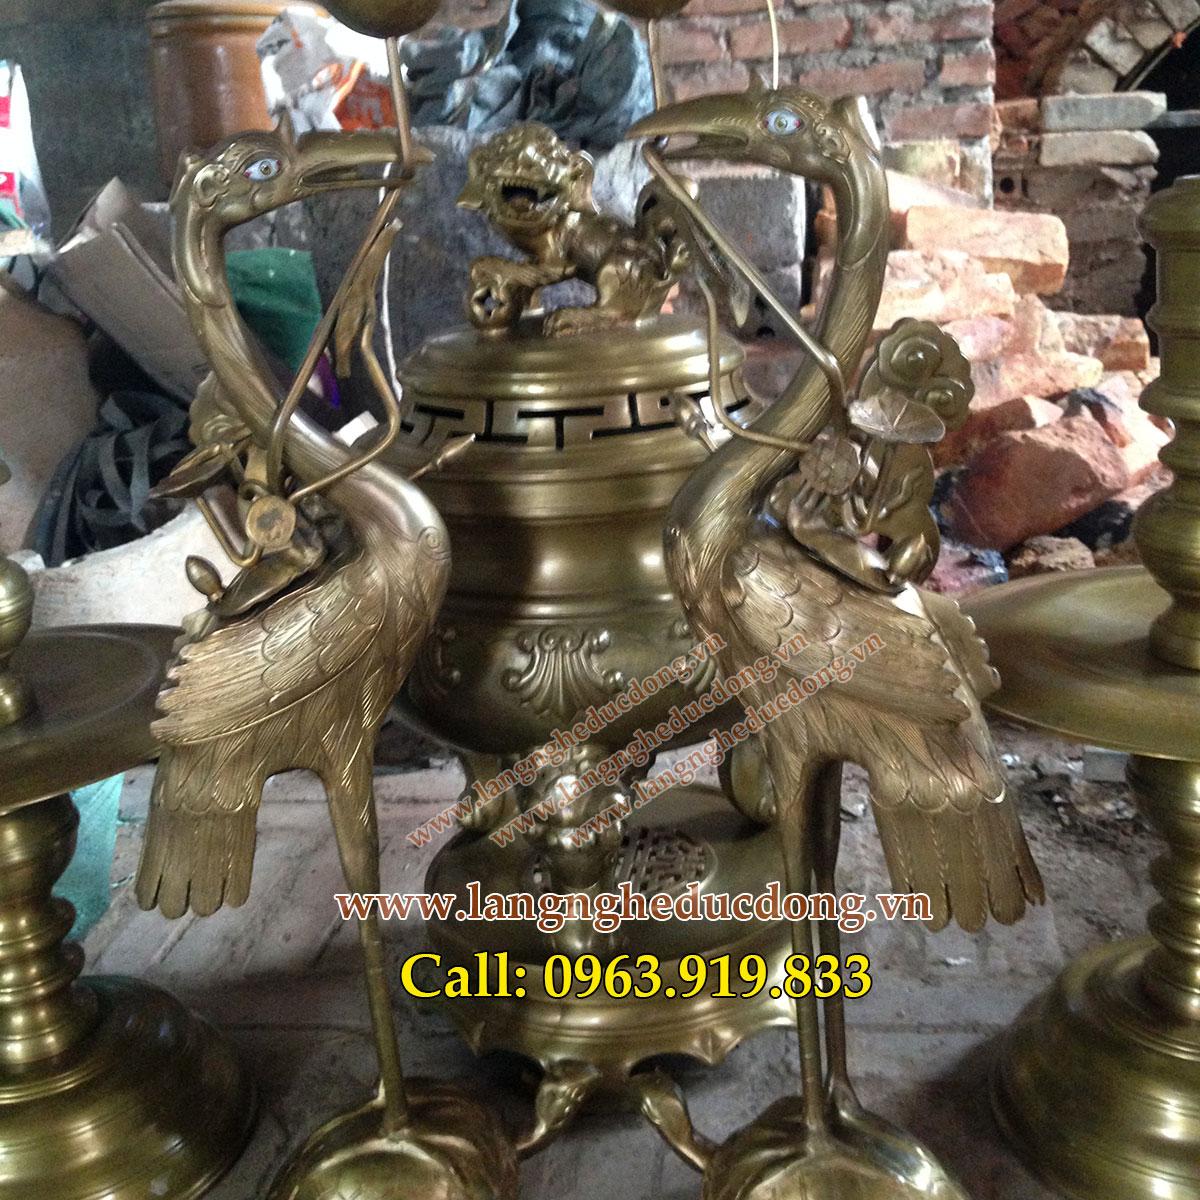 Bộ đỉnh đồng thờ cúng đúc thủ công , gia ban bo dinh dong cao 60cm